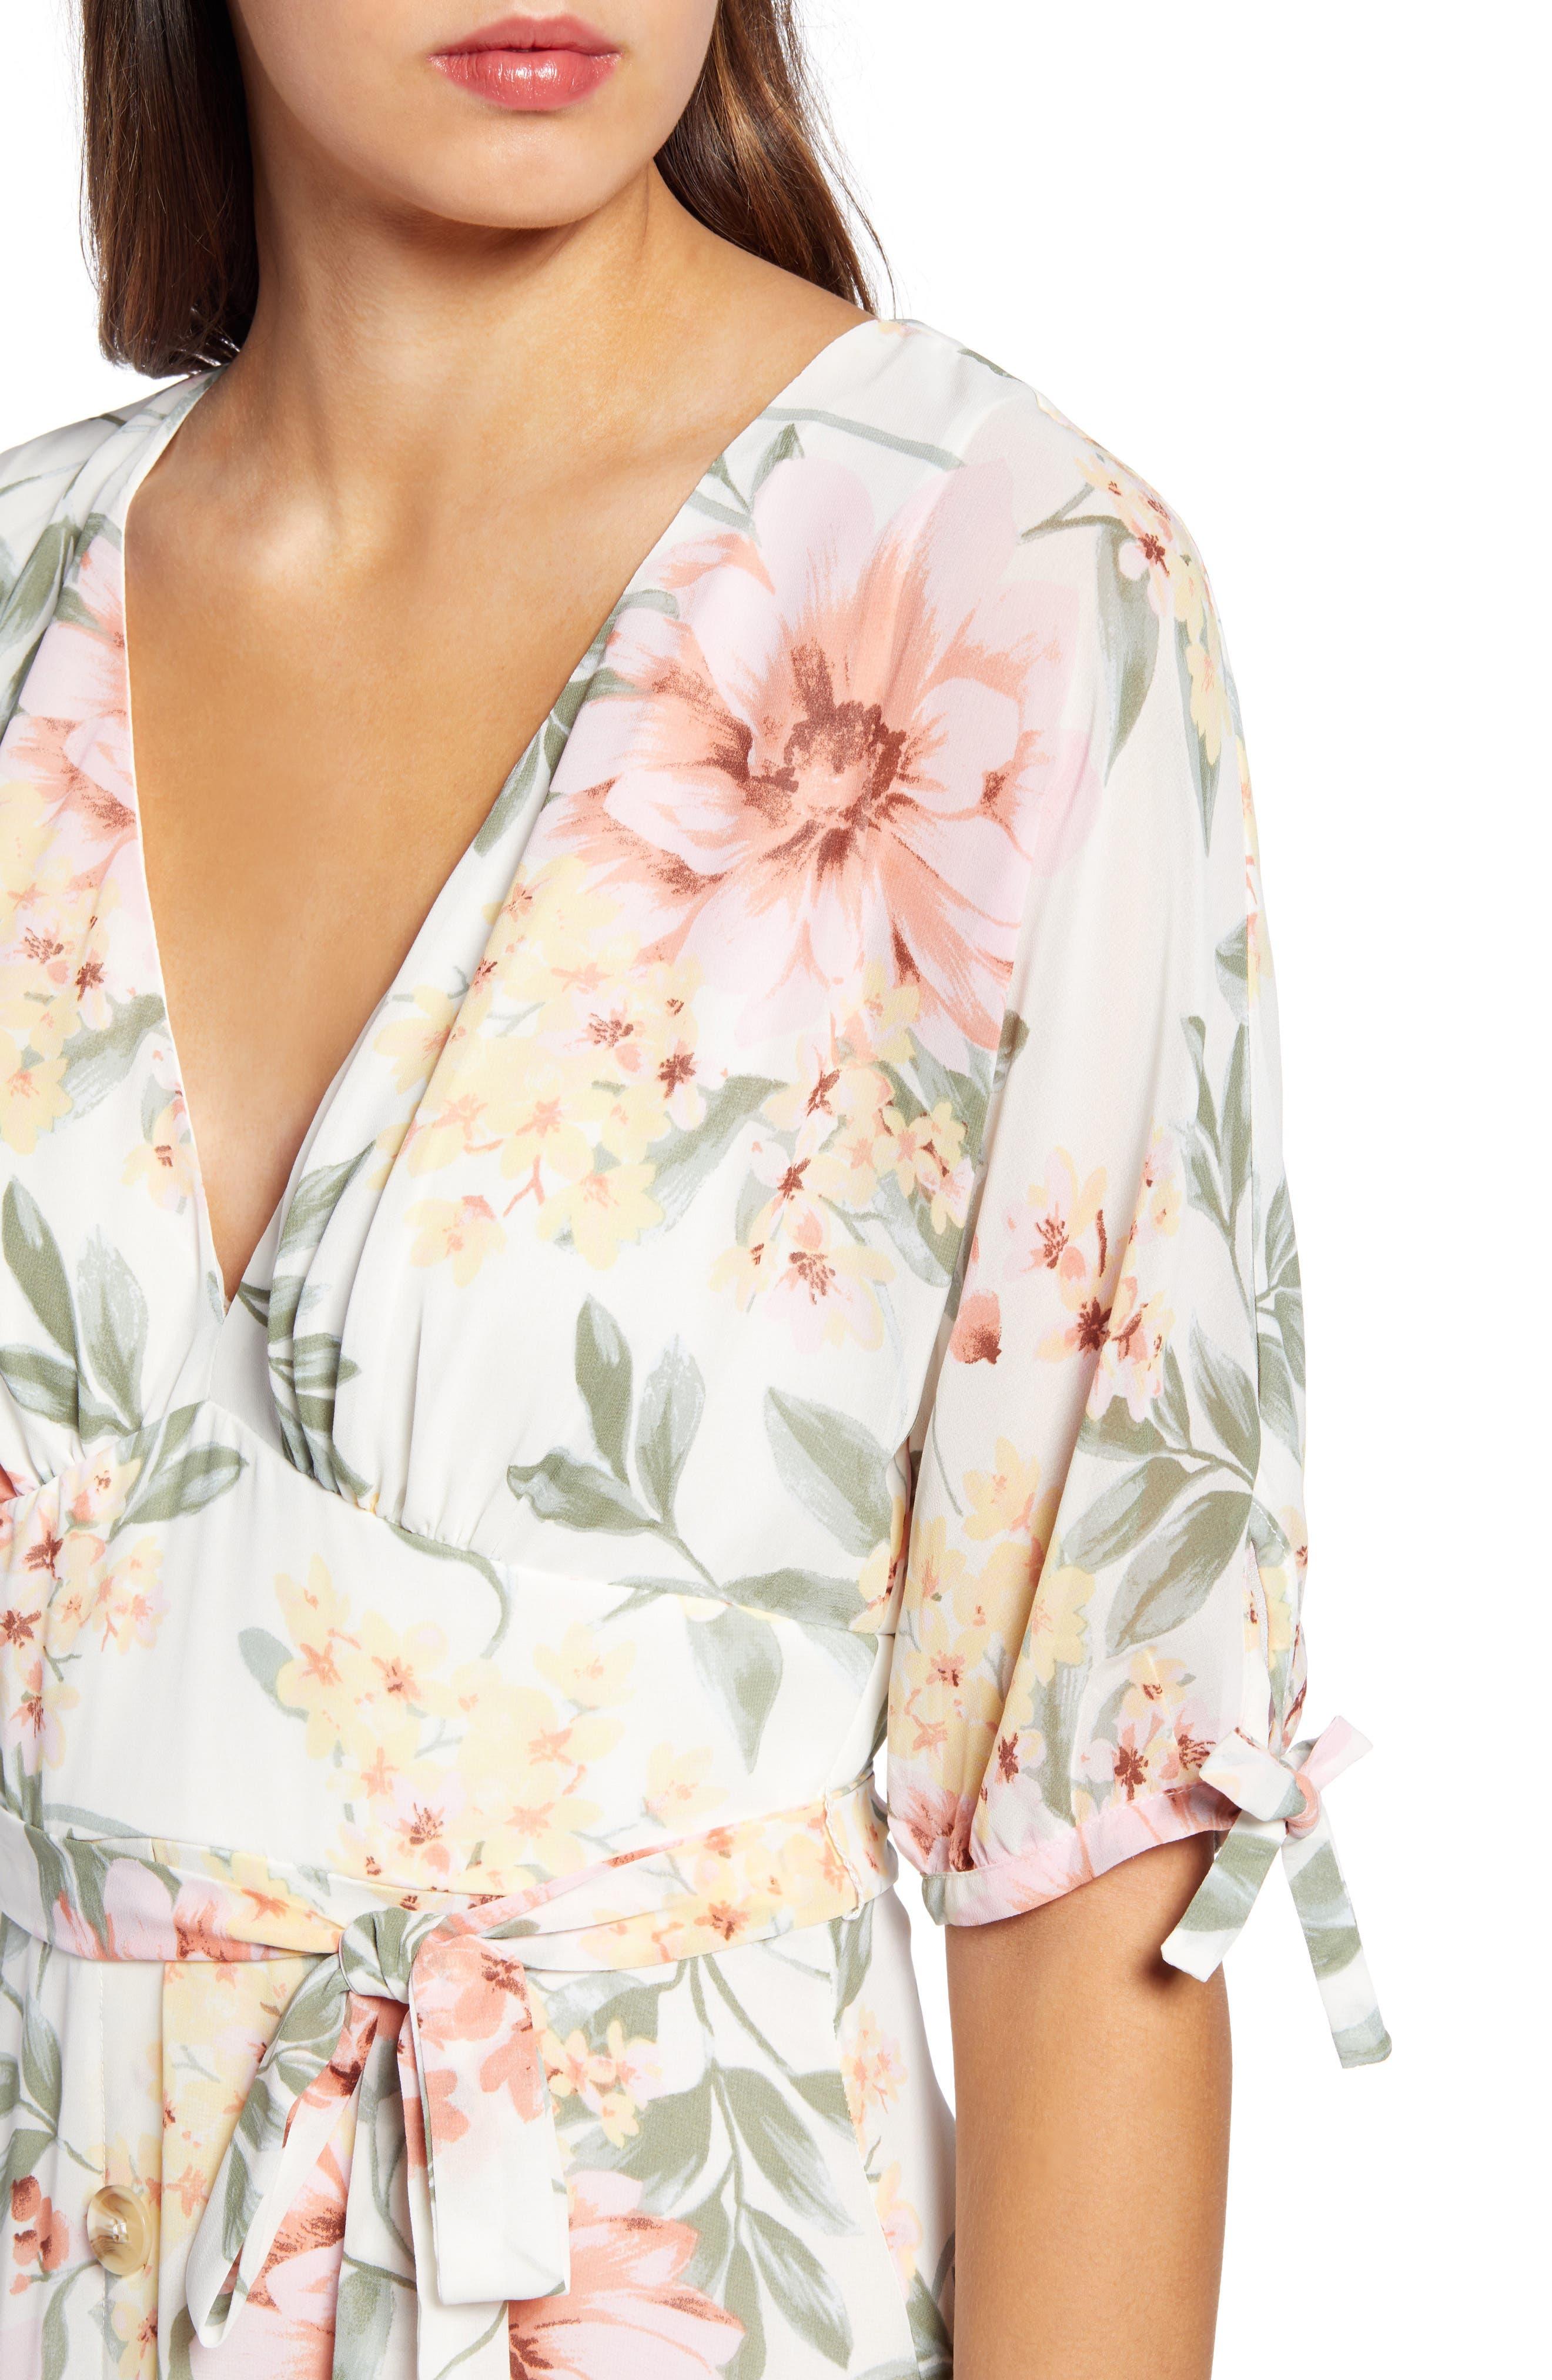 JUNE & HUDSON, Floral V-Neck Tie Front Dress, Alternate thumbnail 5, color, IVORY/ ROSE/ SAGE